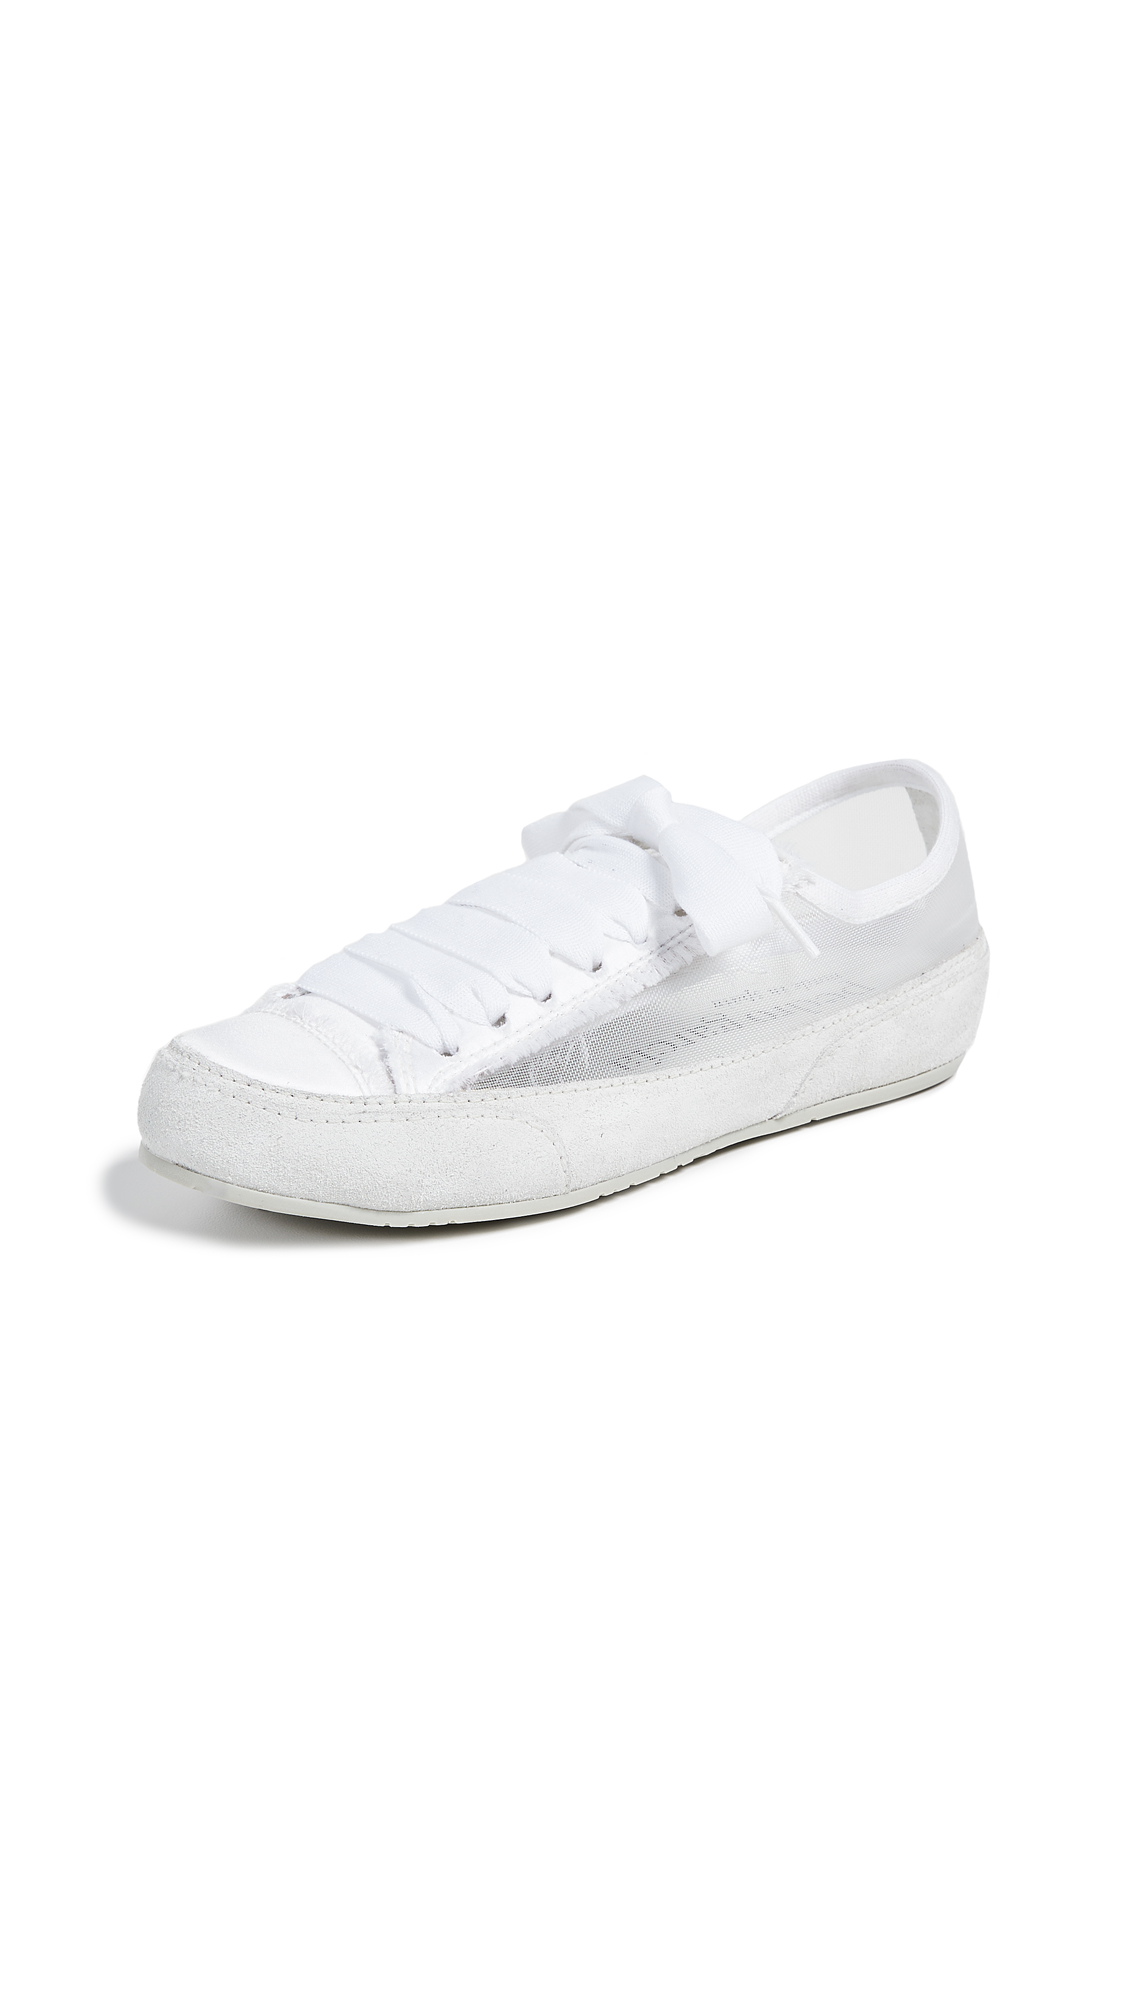 Pedro Garcia Parson Sneakers - Meringue